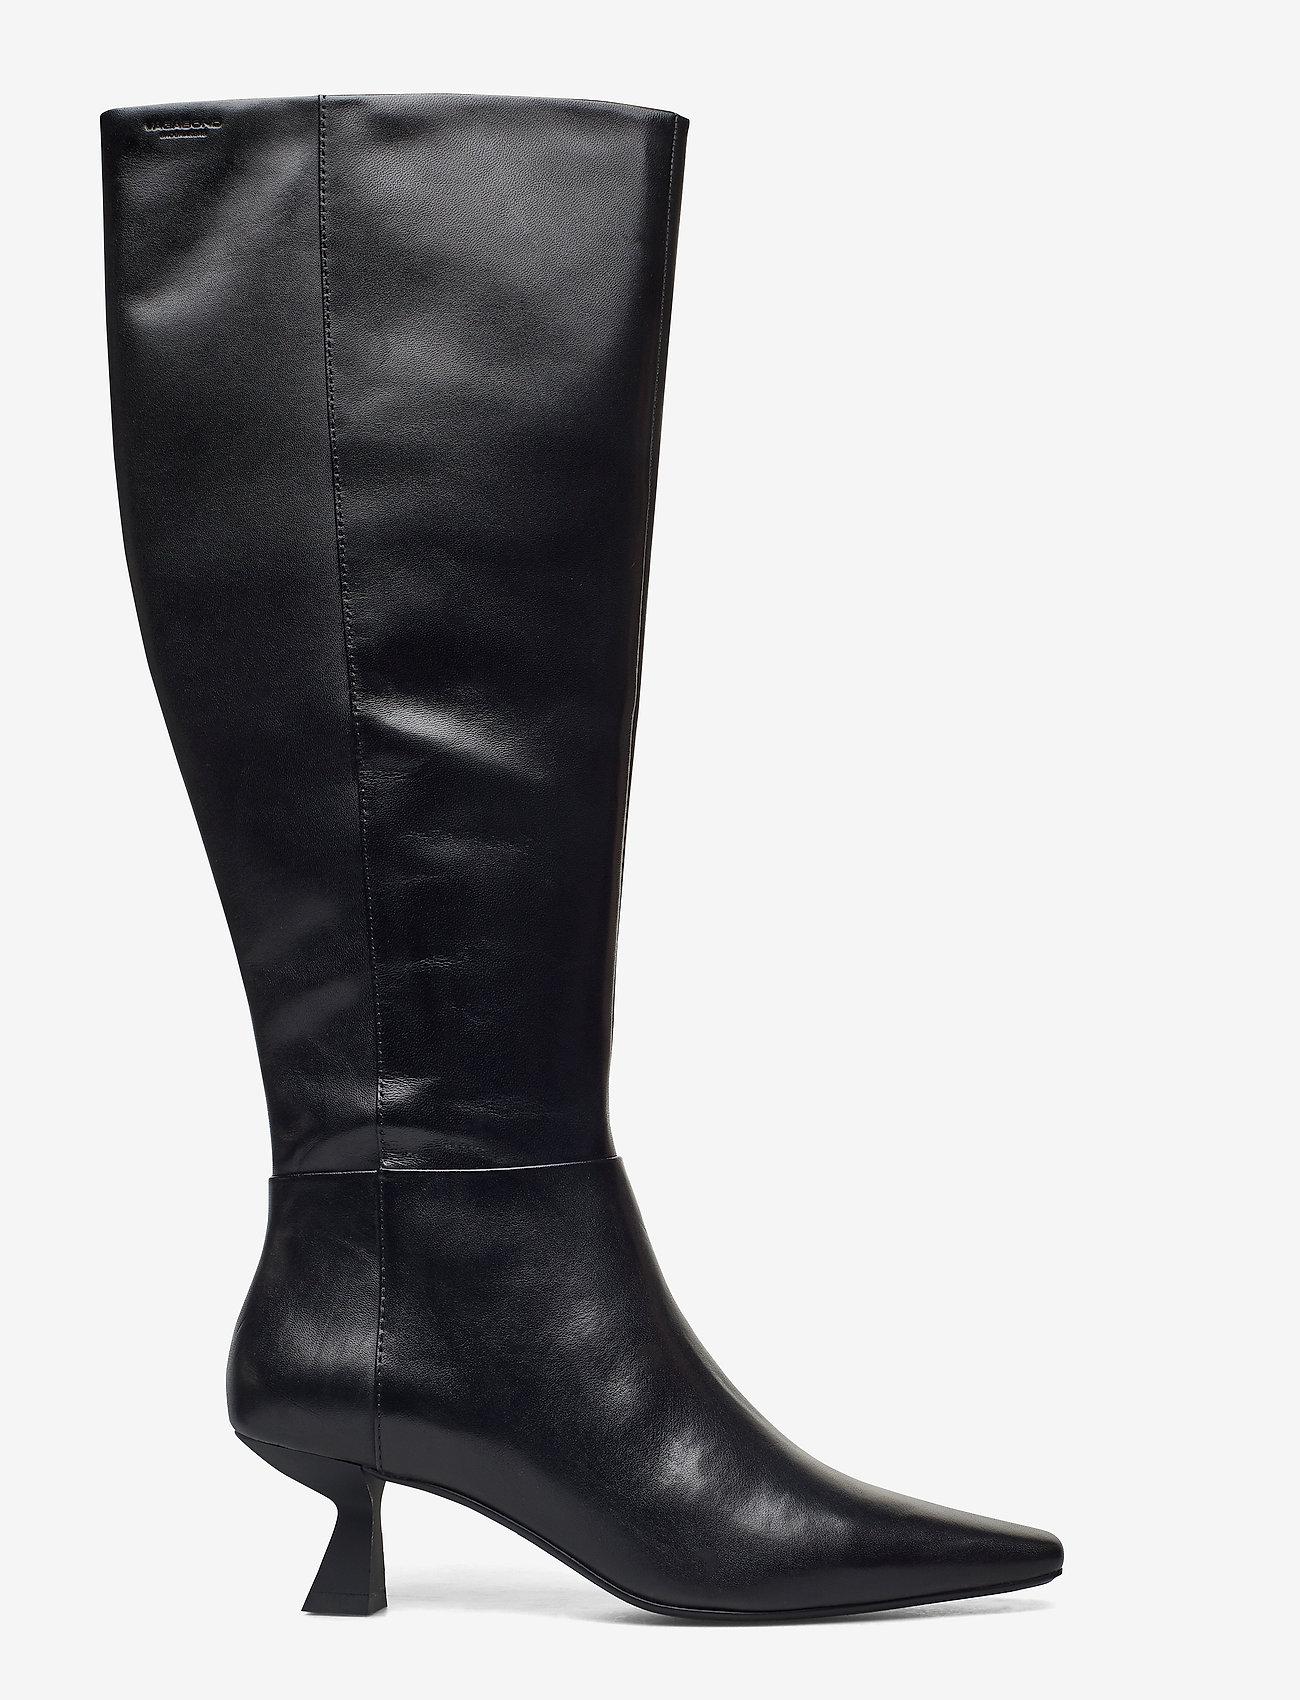 VAGABOND - LISSIE - lange laarzen - black - 1